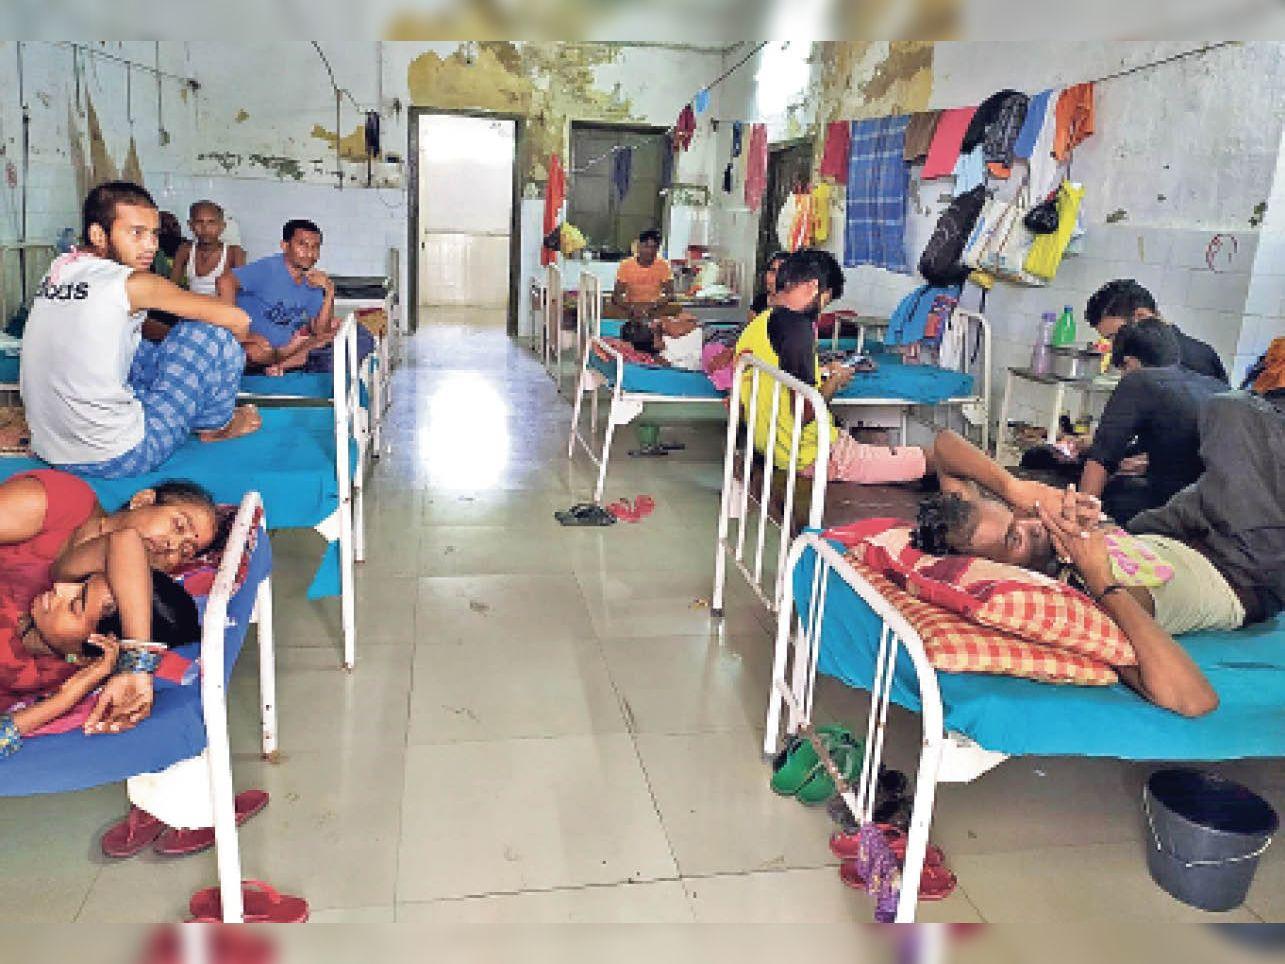 कैसा इलाज: परिजन बोले-पीएमसीएच वार्ड में 10 दिन से नहीं आए डॉक्टर - Dainik Bhaskar